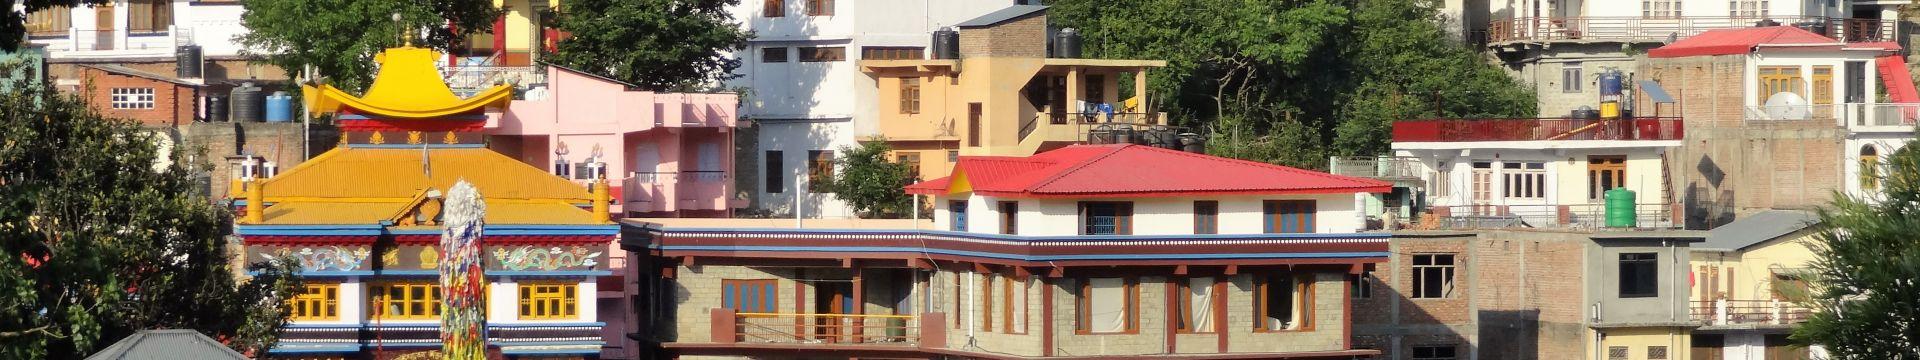 site de rencontre pour bouddhiste